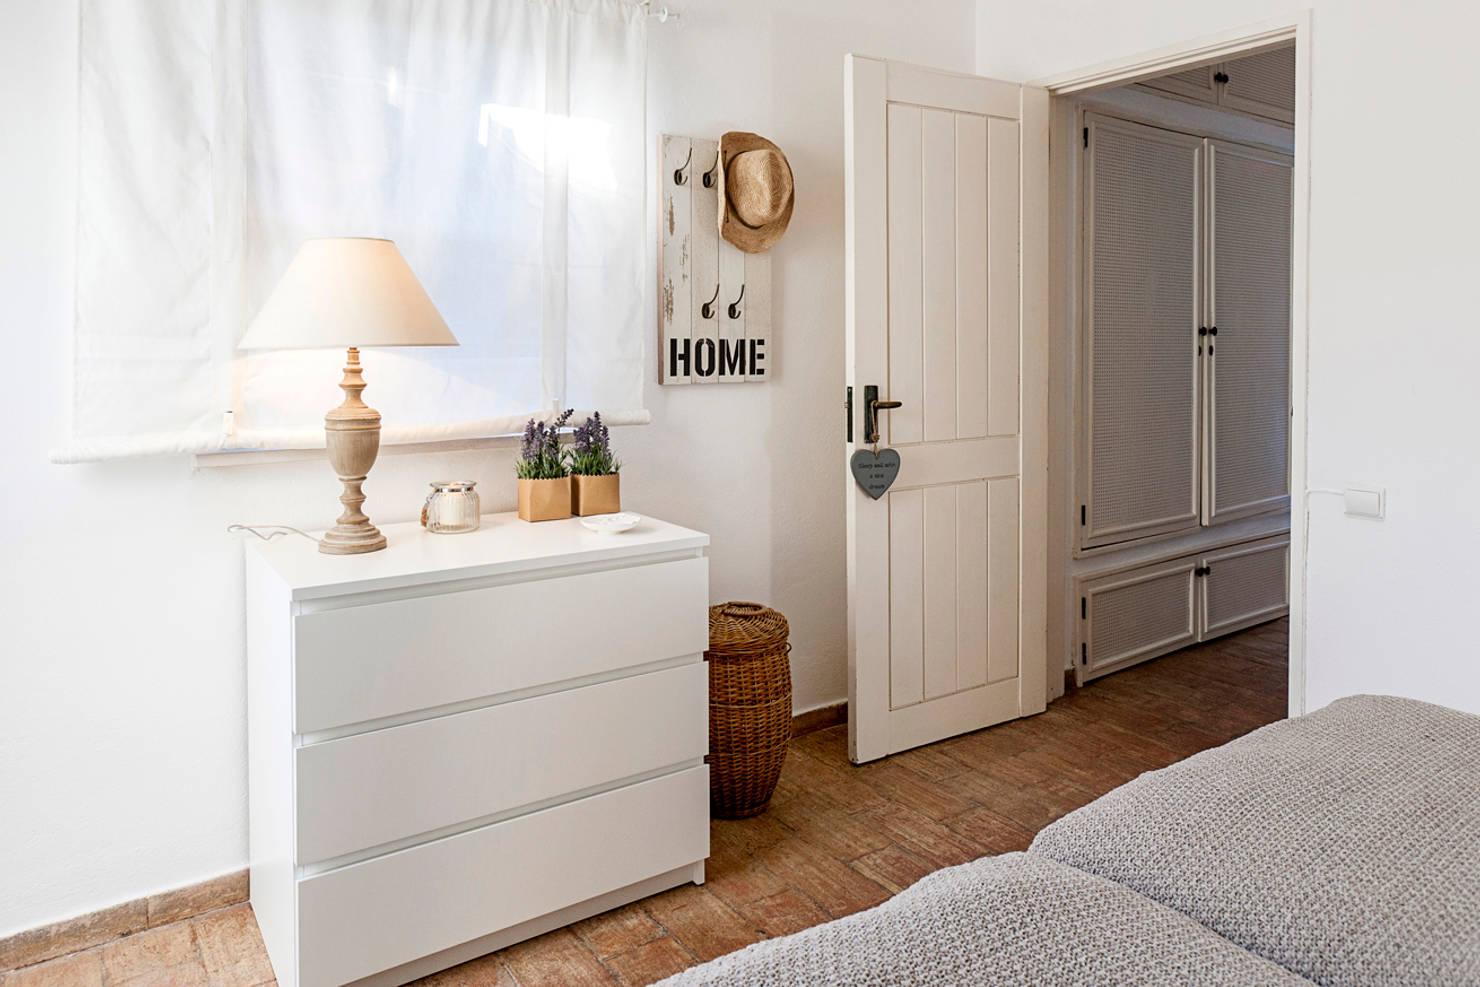 7 Idee Economiche per un Piccolo Appartamento